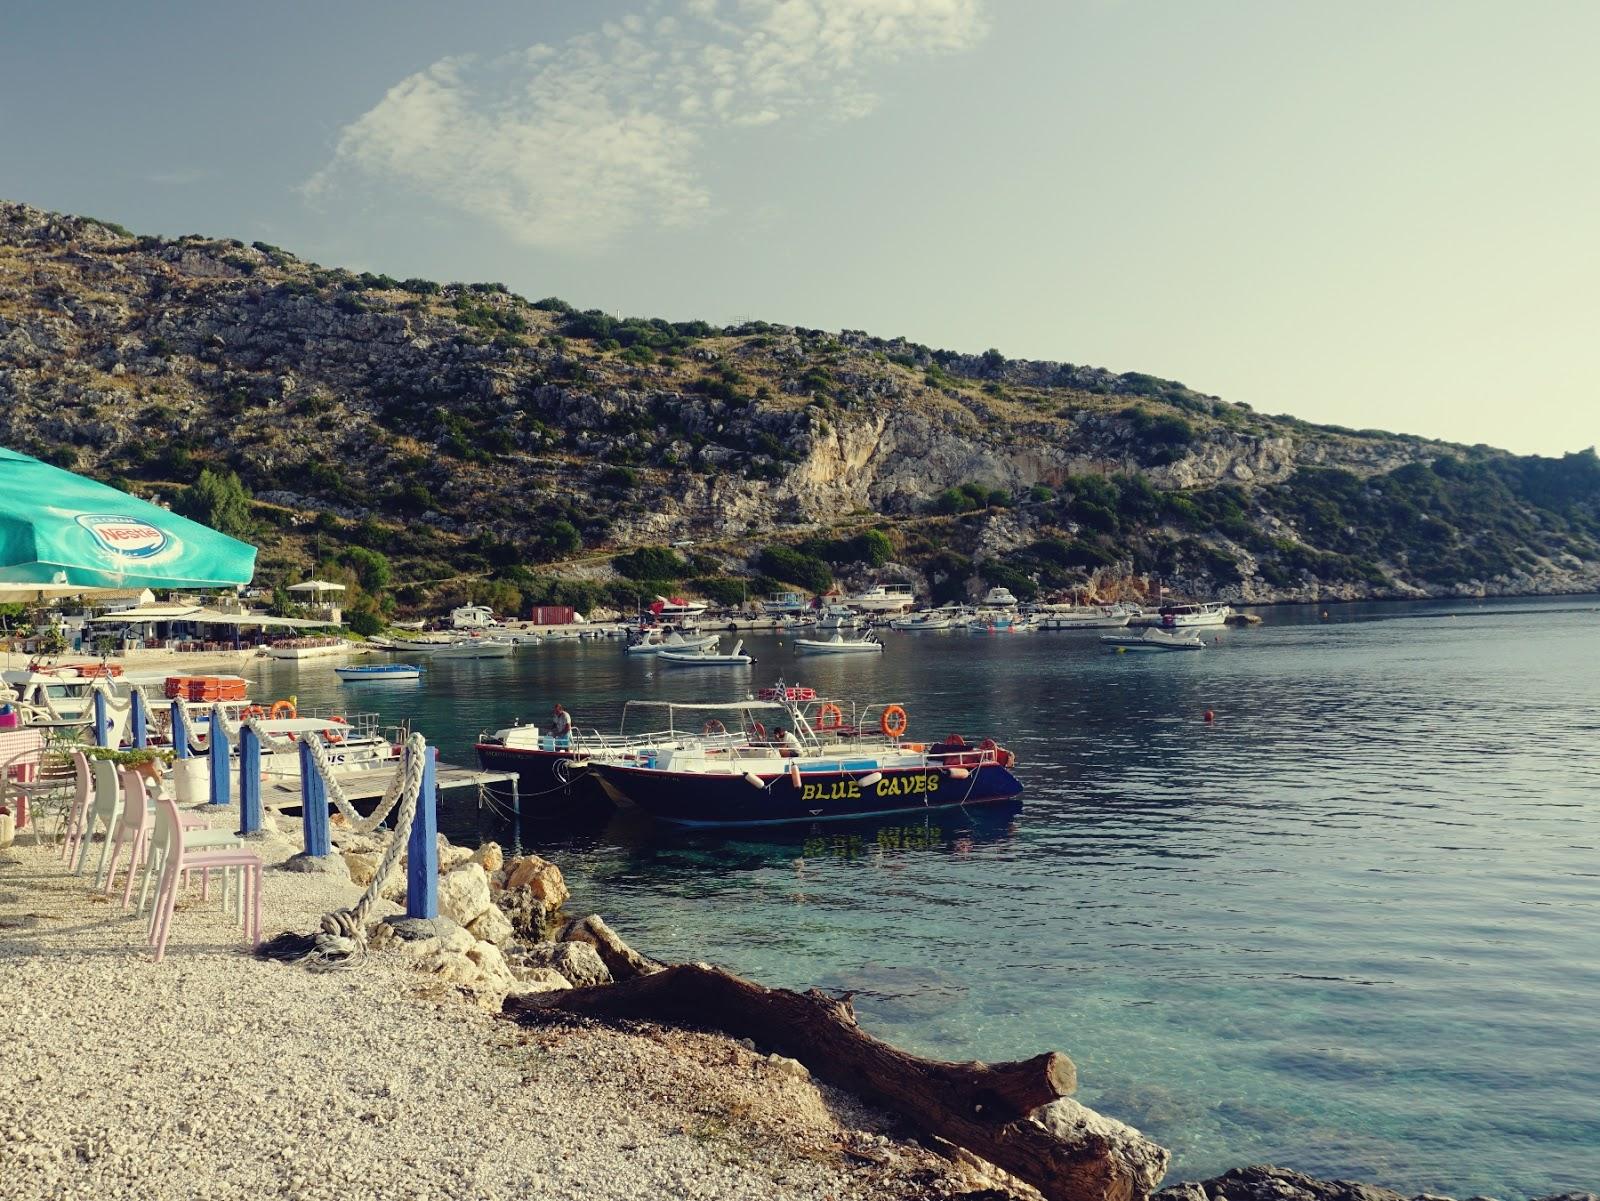 Port Agios Nikolaos, port, statki, jachty, Grecja, wybrzeże, zakynthos, zakinthos, wyspy jońskie, wakacje w Grecji, lato w Grecji, blog o podróżach, panidorcia